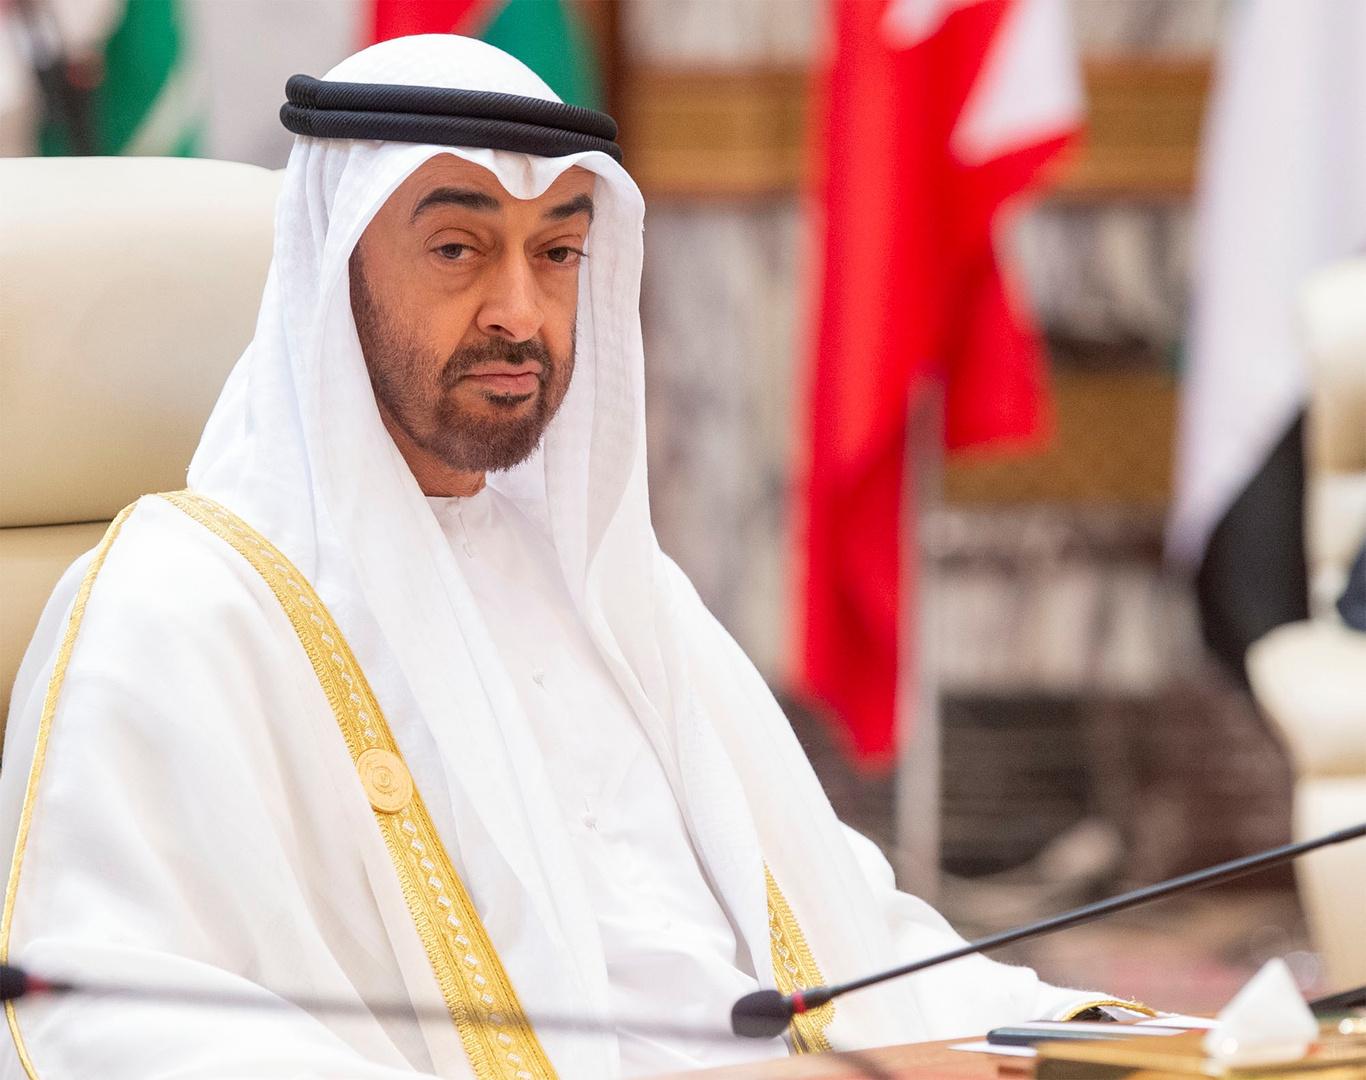 محمد بن زايد يتلقى اتصالا هاتفيا من مستشار الأمن القومي الأمريكي